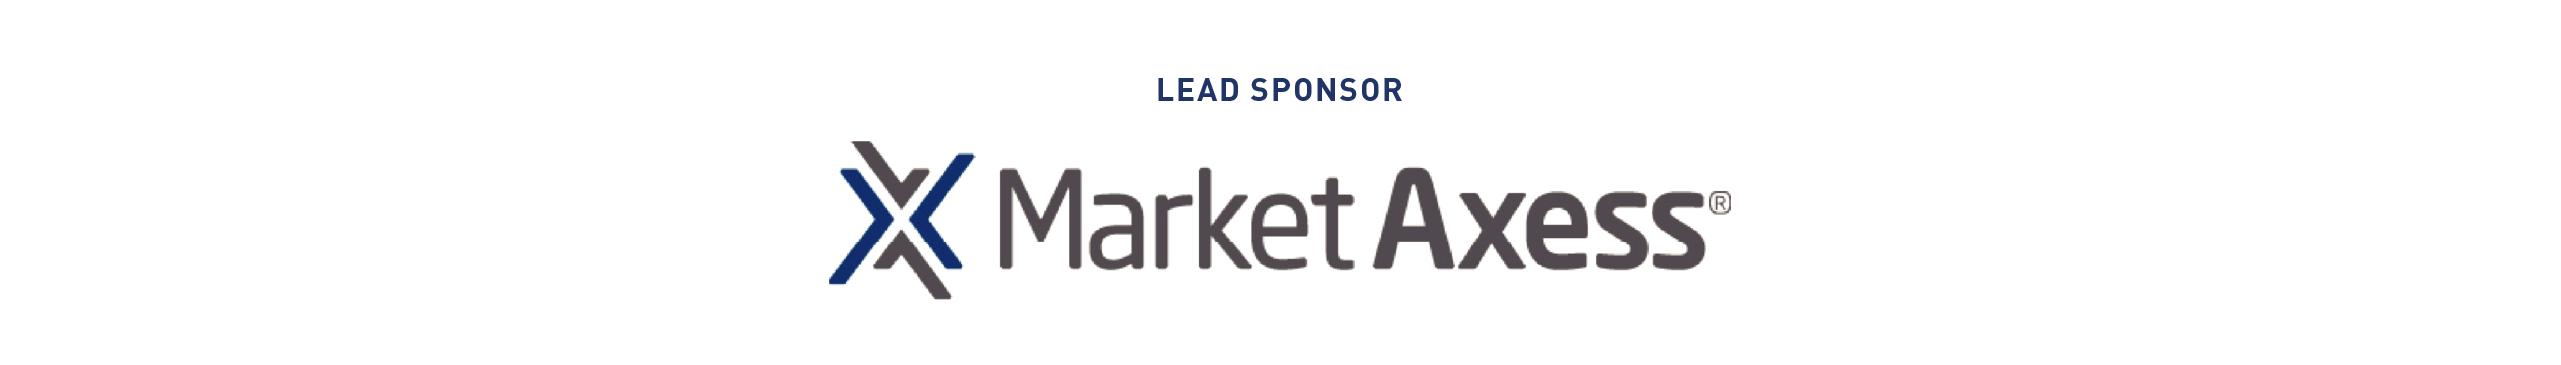 afmf-banner_sponsor1-new